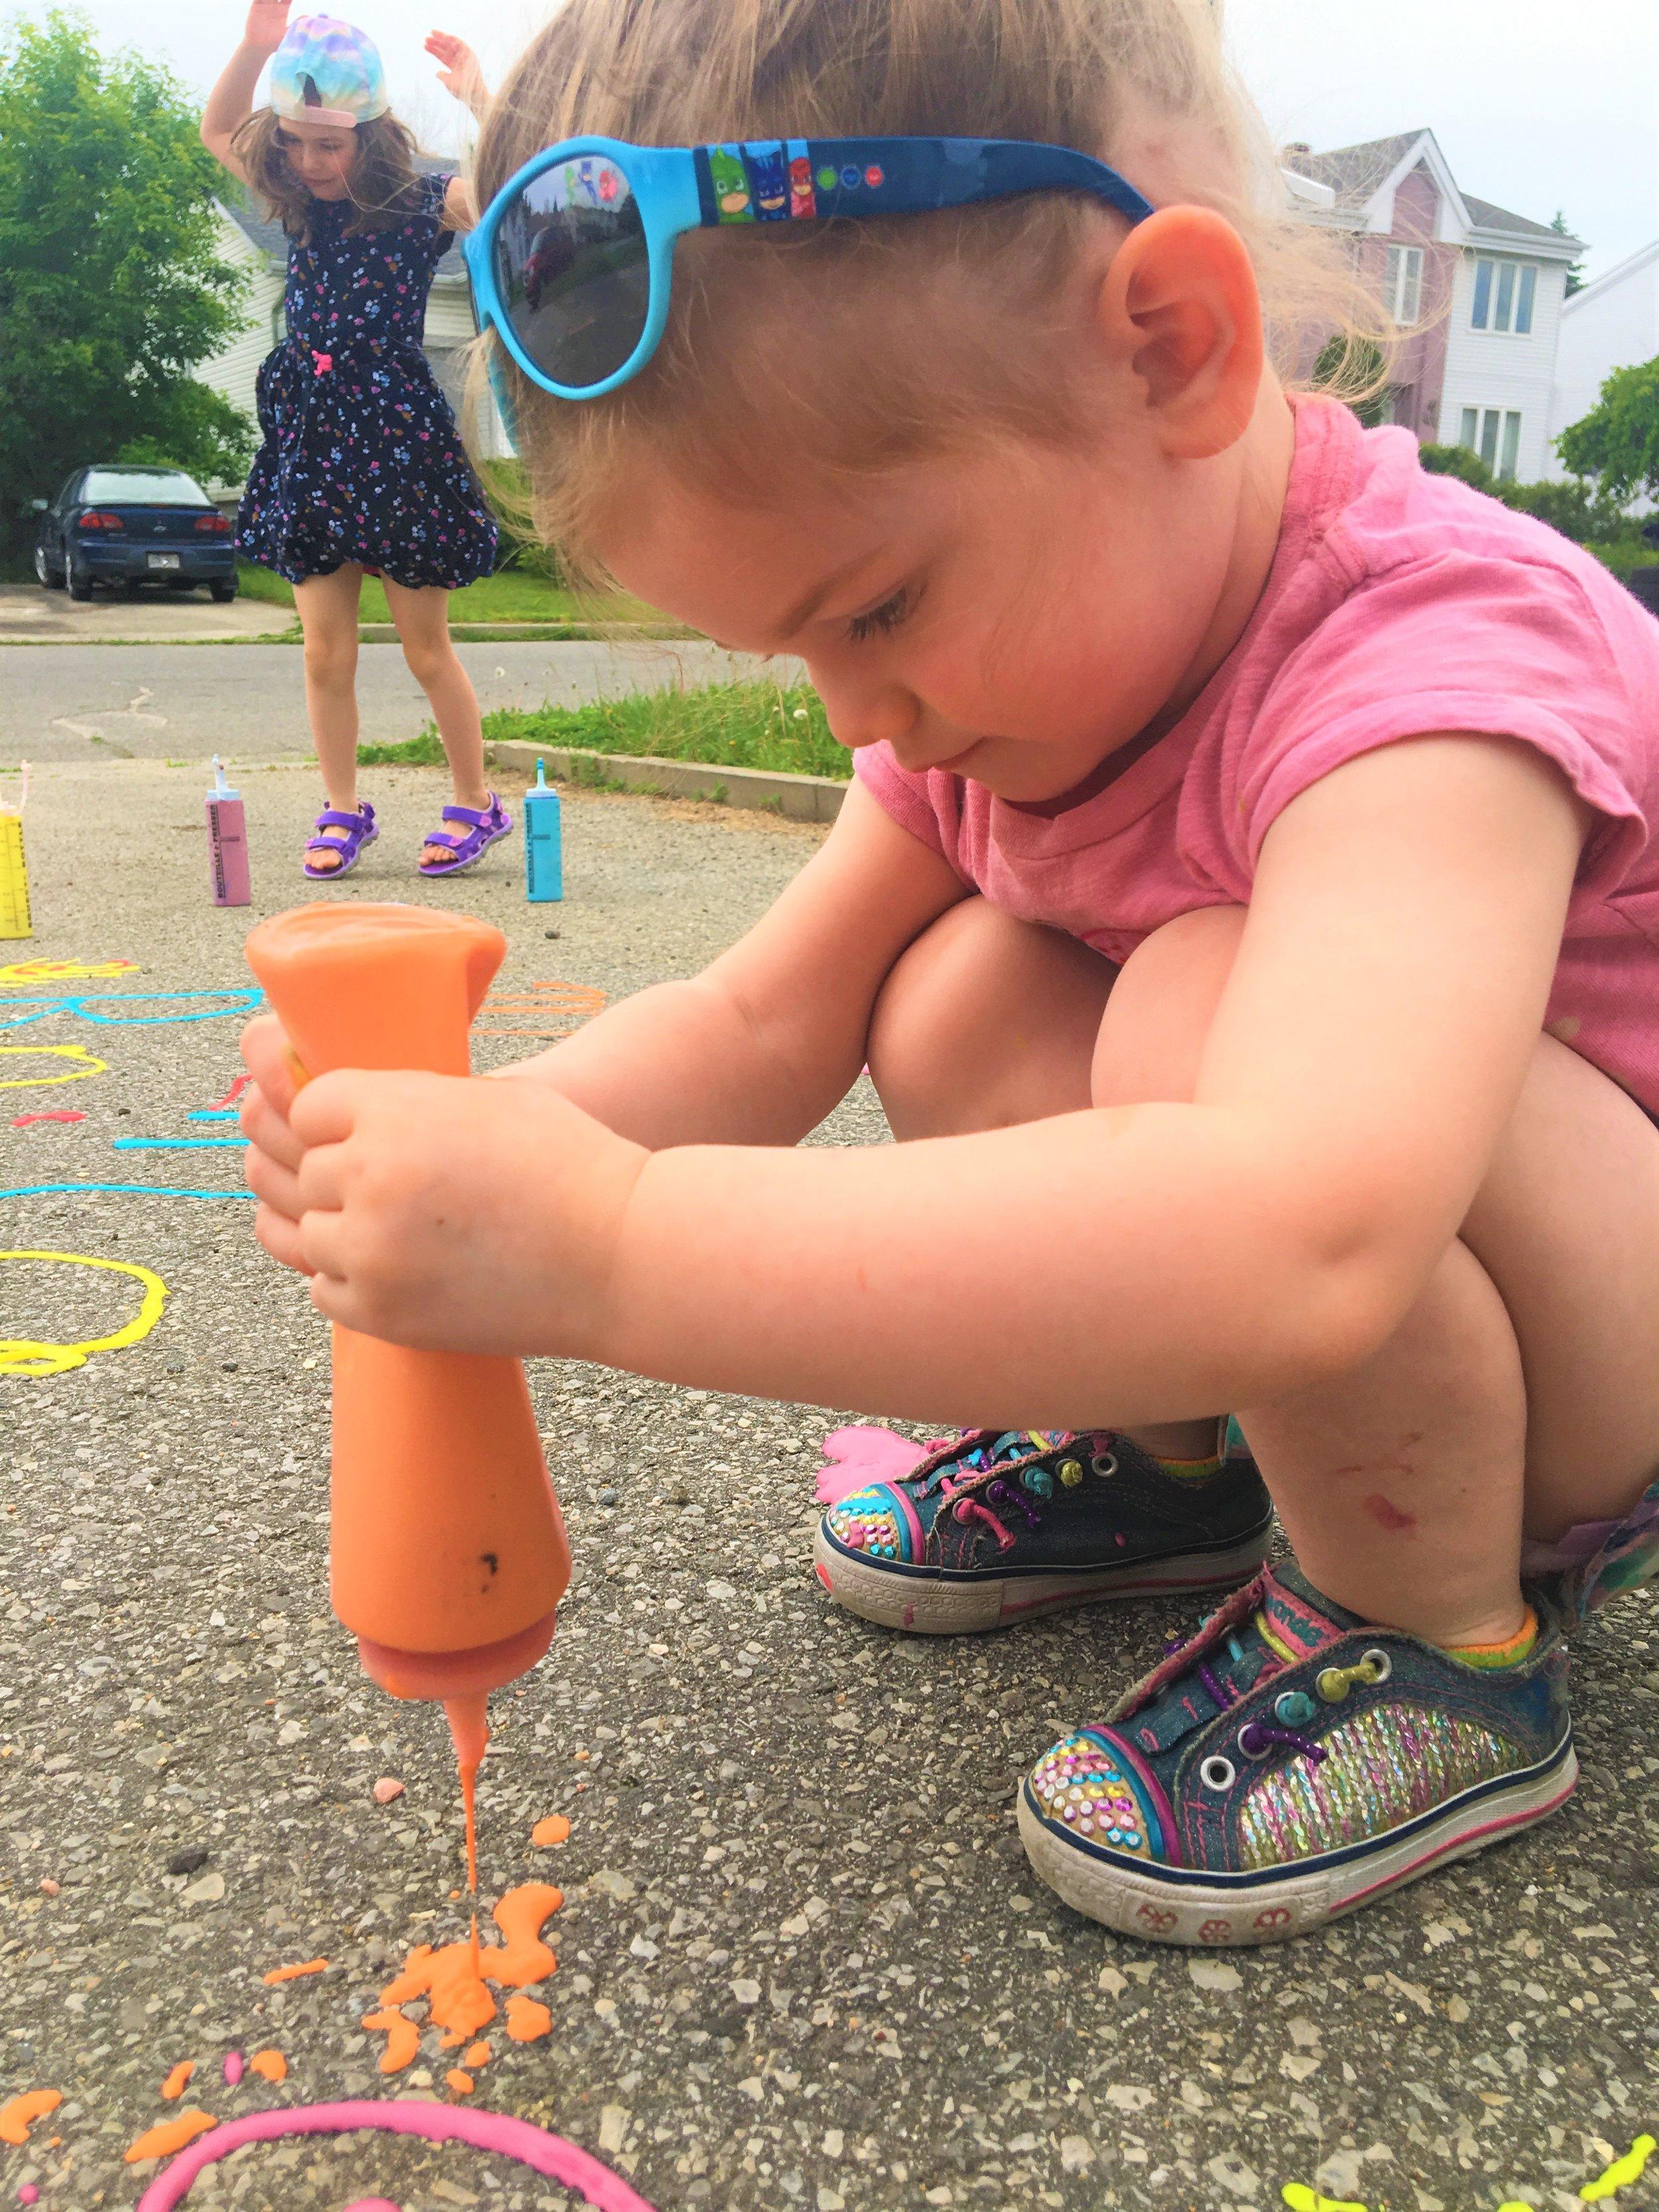 enfant-2-ans-pâte-à-dessiner-activité-petits-artistes-couleurs-plaisir-rue-trottoir